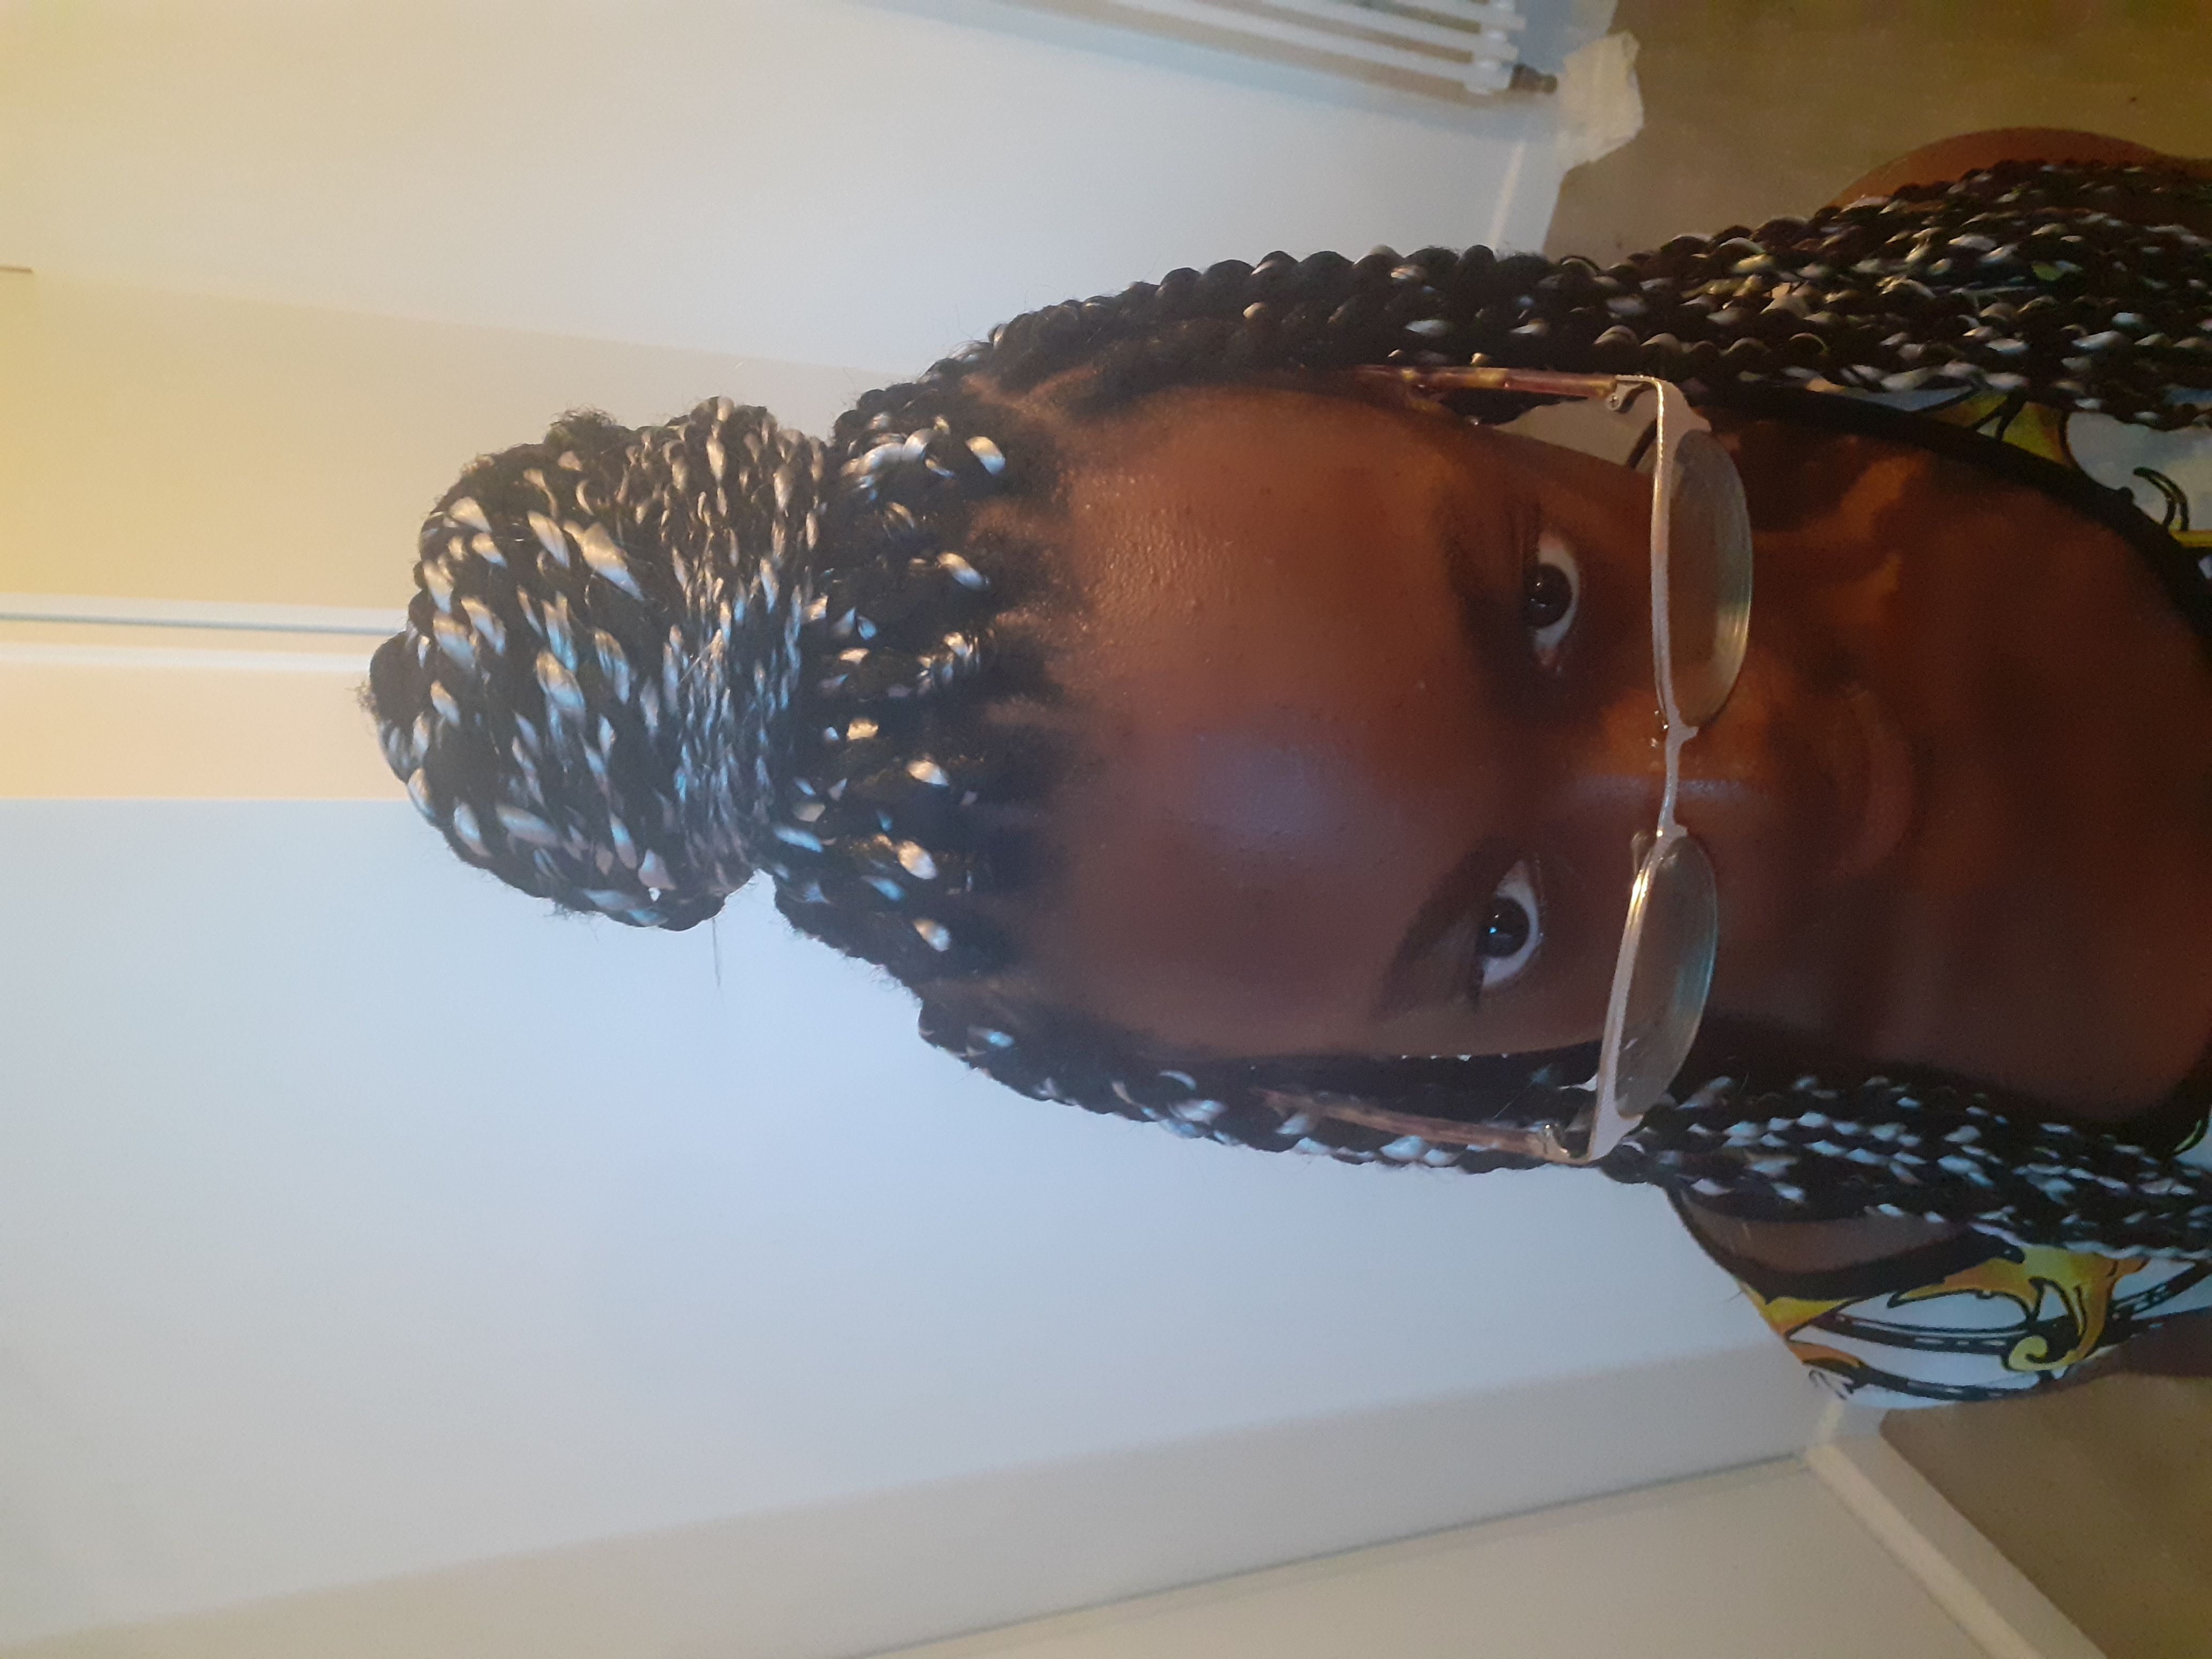 salon de coiffure afro tresse tresses box braids crochet braids vanilles tissages paris 75 77 78 91 92 93 94 95 IMWTUPBX